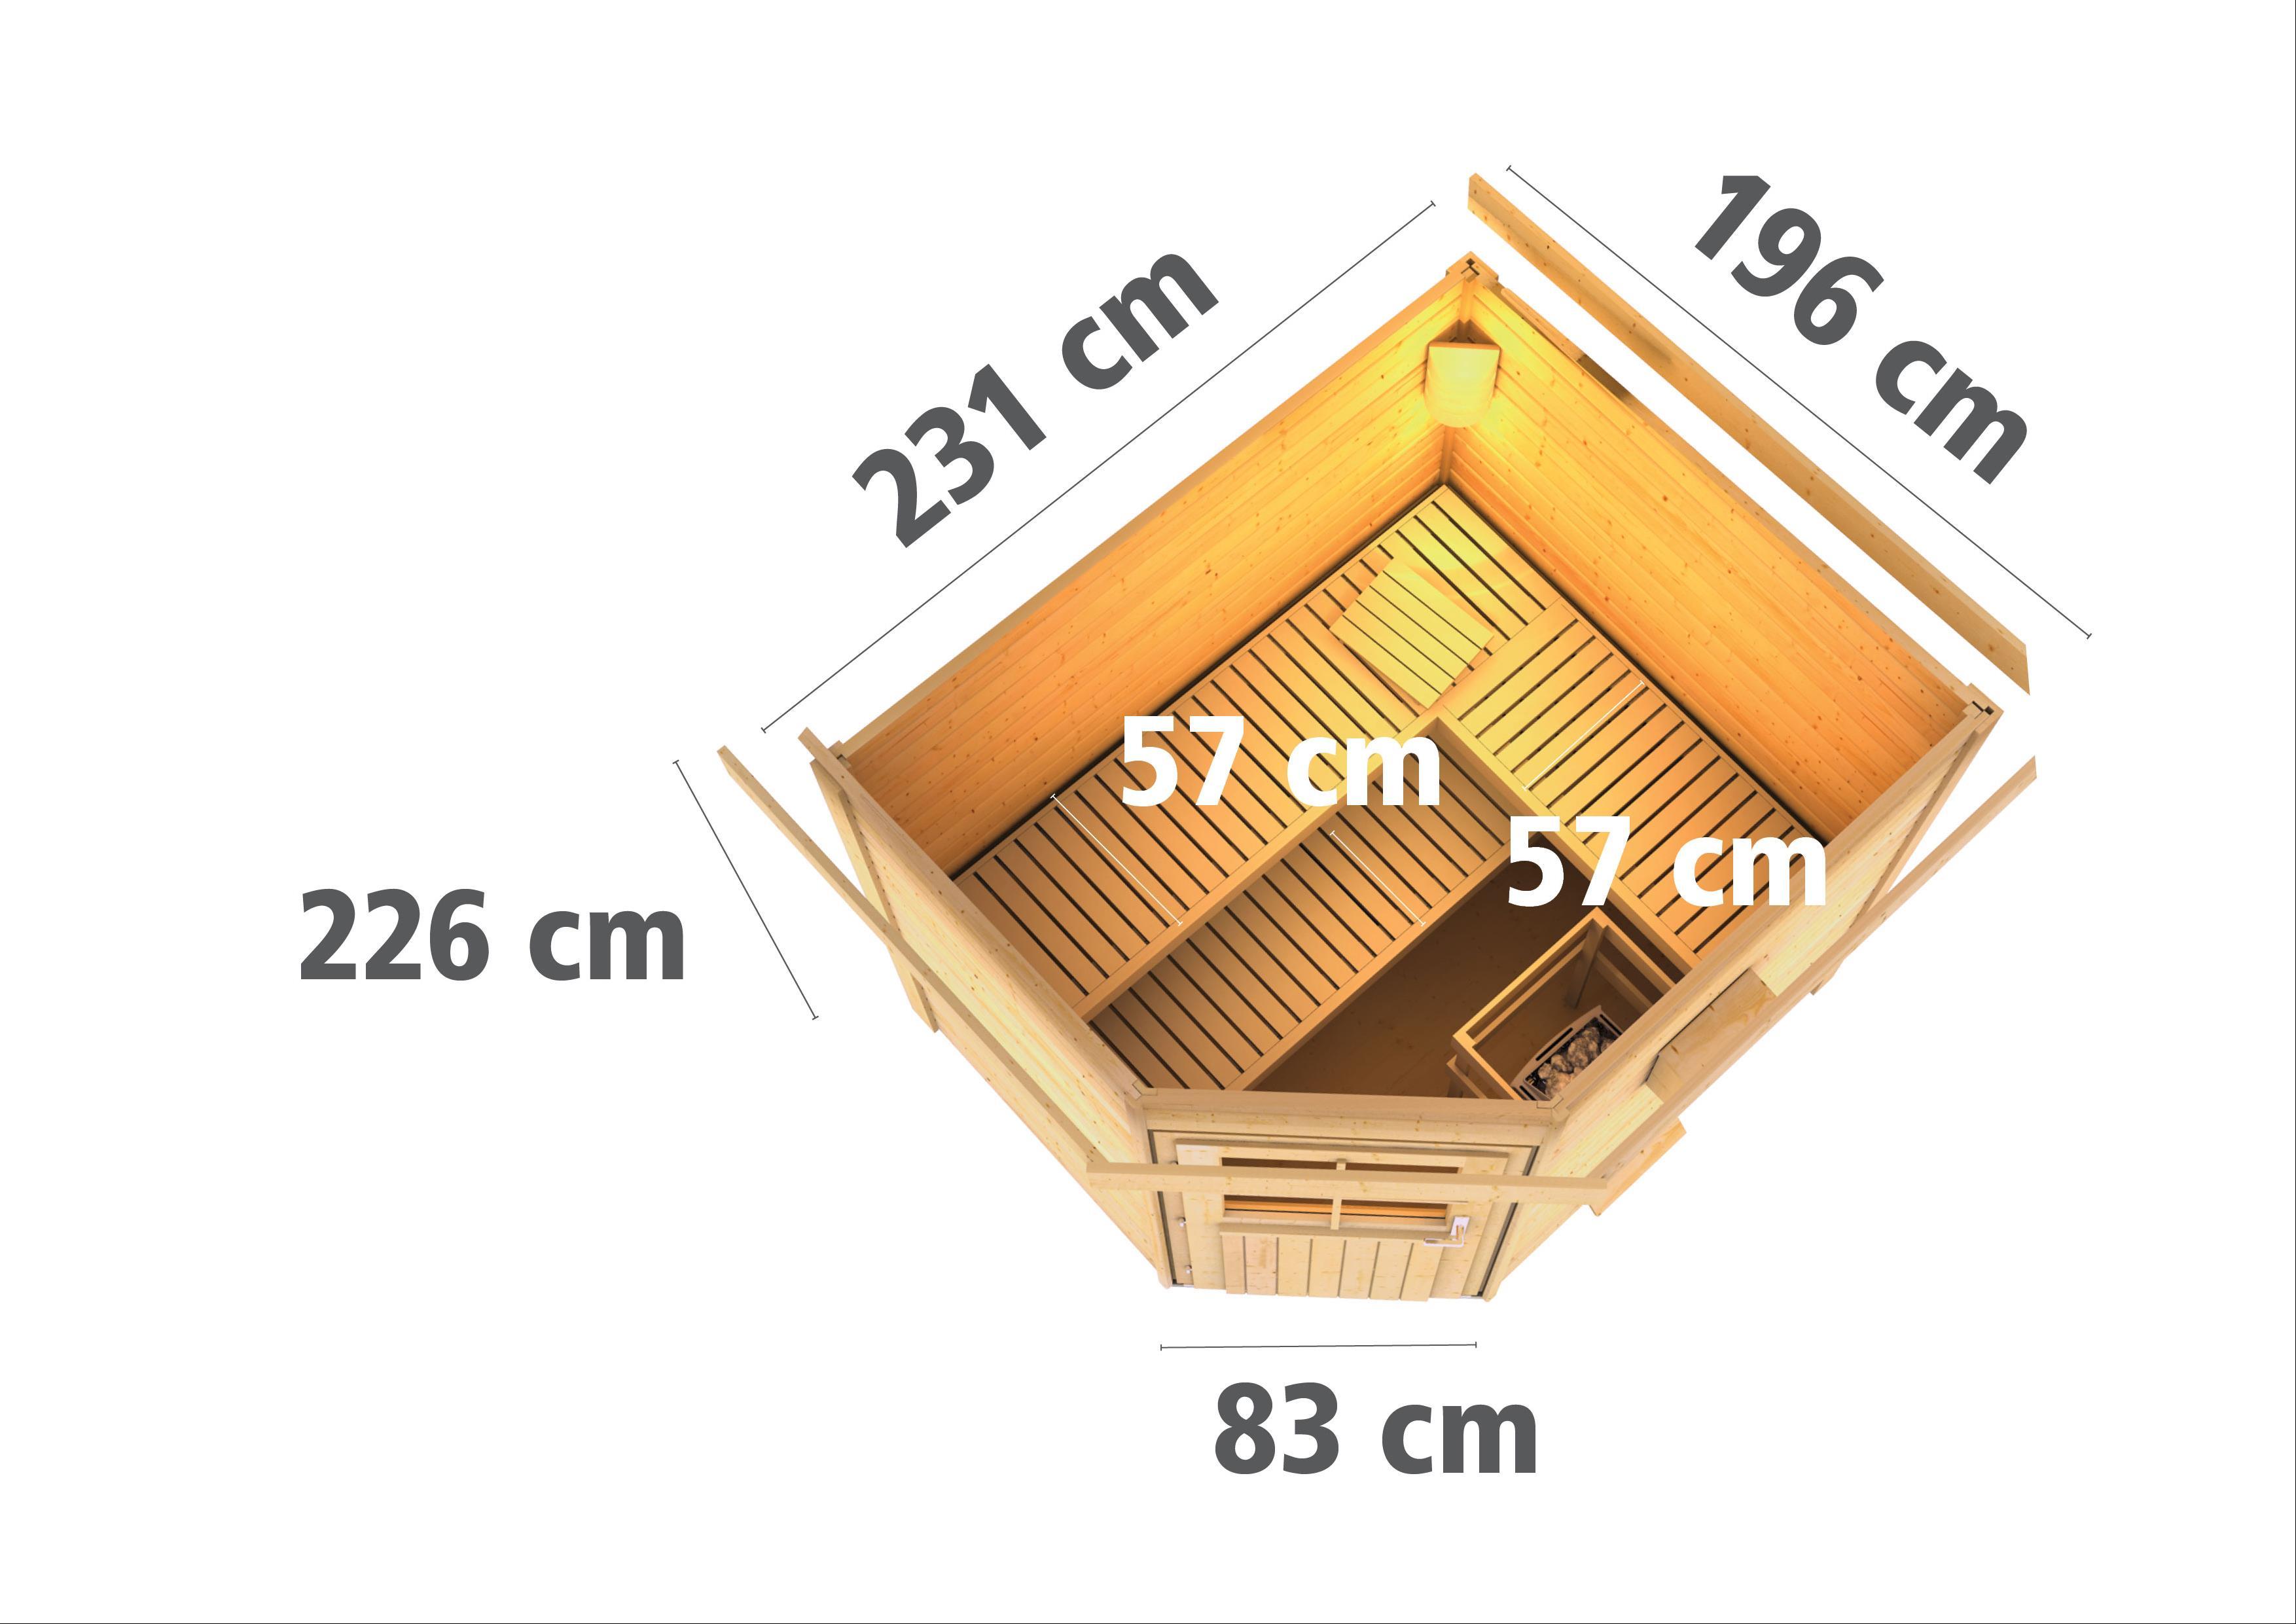 Gartensauna Karibu Saunahaus Mikka 38mm Ofen 9kW extern Tür modern Bild 3